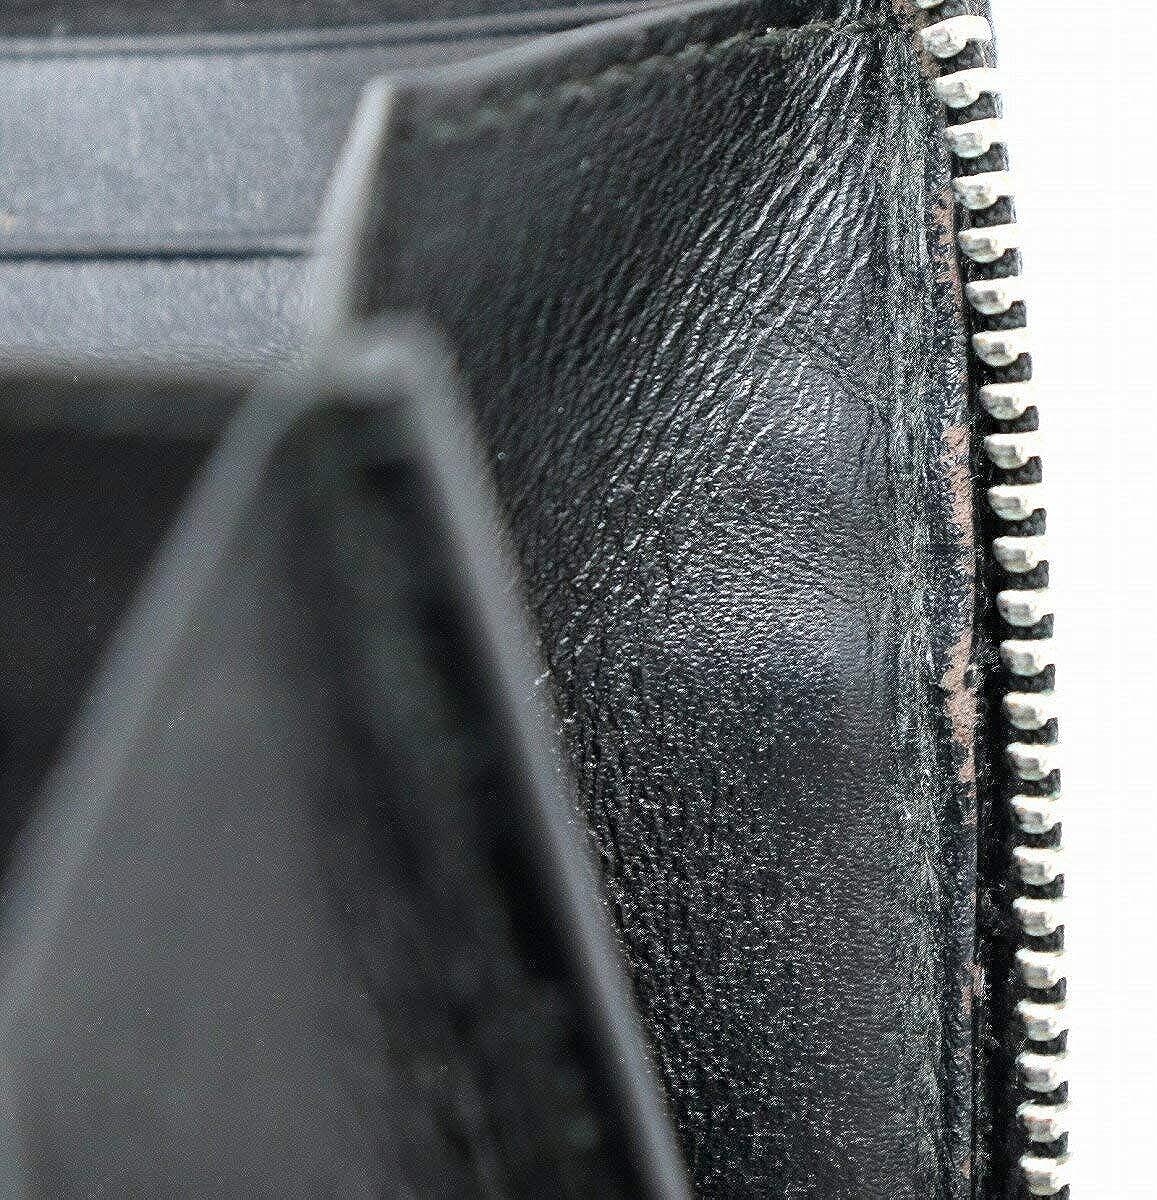 530b2fffd4fb Amazon | [ブルガリ] BVLGARI ウィークエンド ラウンドファスナー 長財布 PVC レザー 黒 ブラック ダークグレー 32587 |  BVLGARI(ブルガリ) | 財布